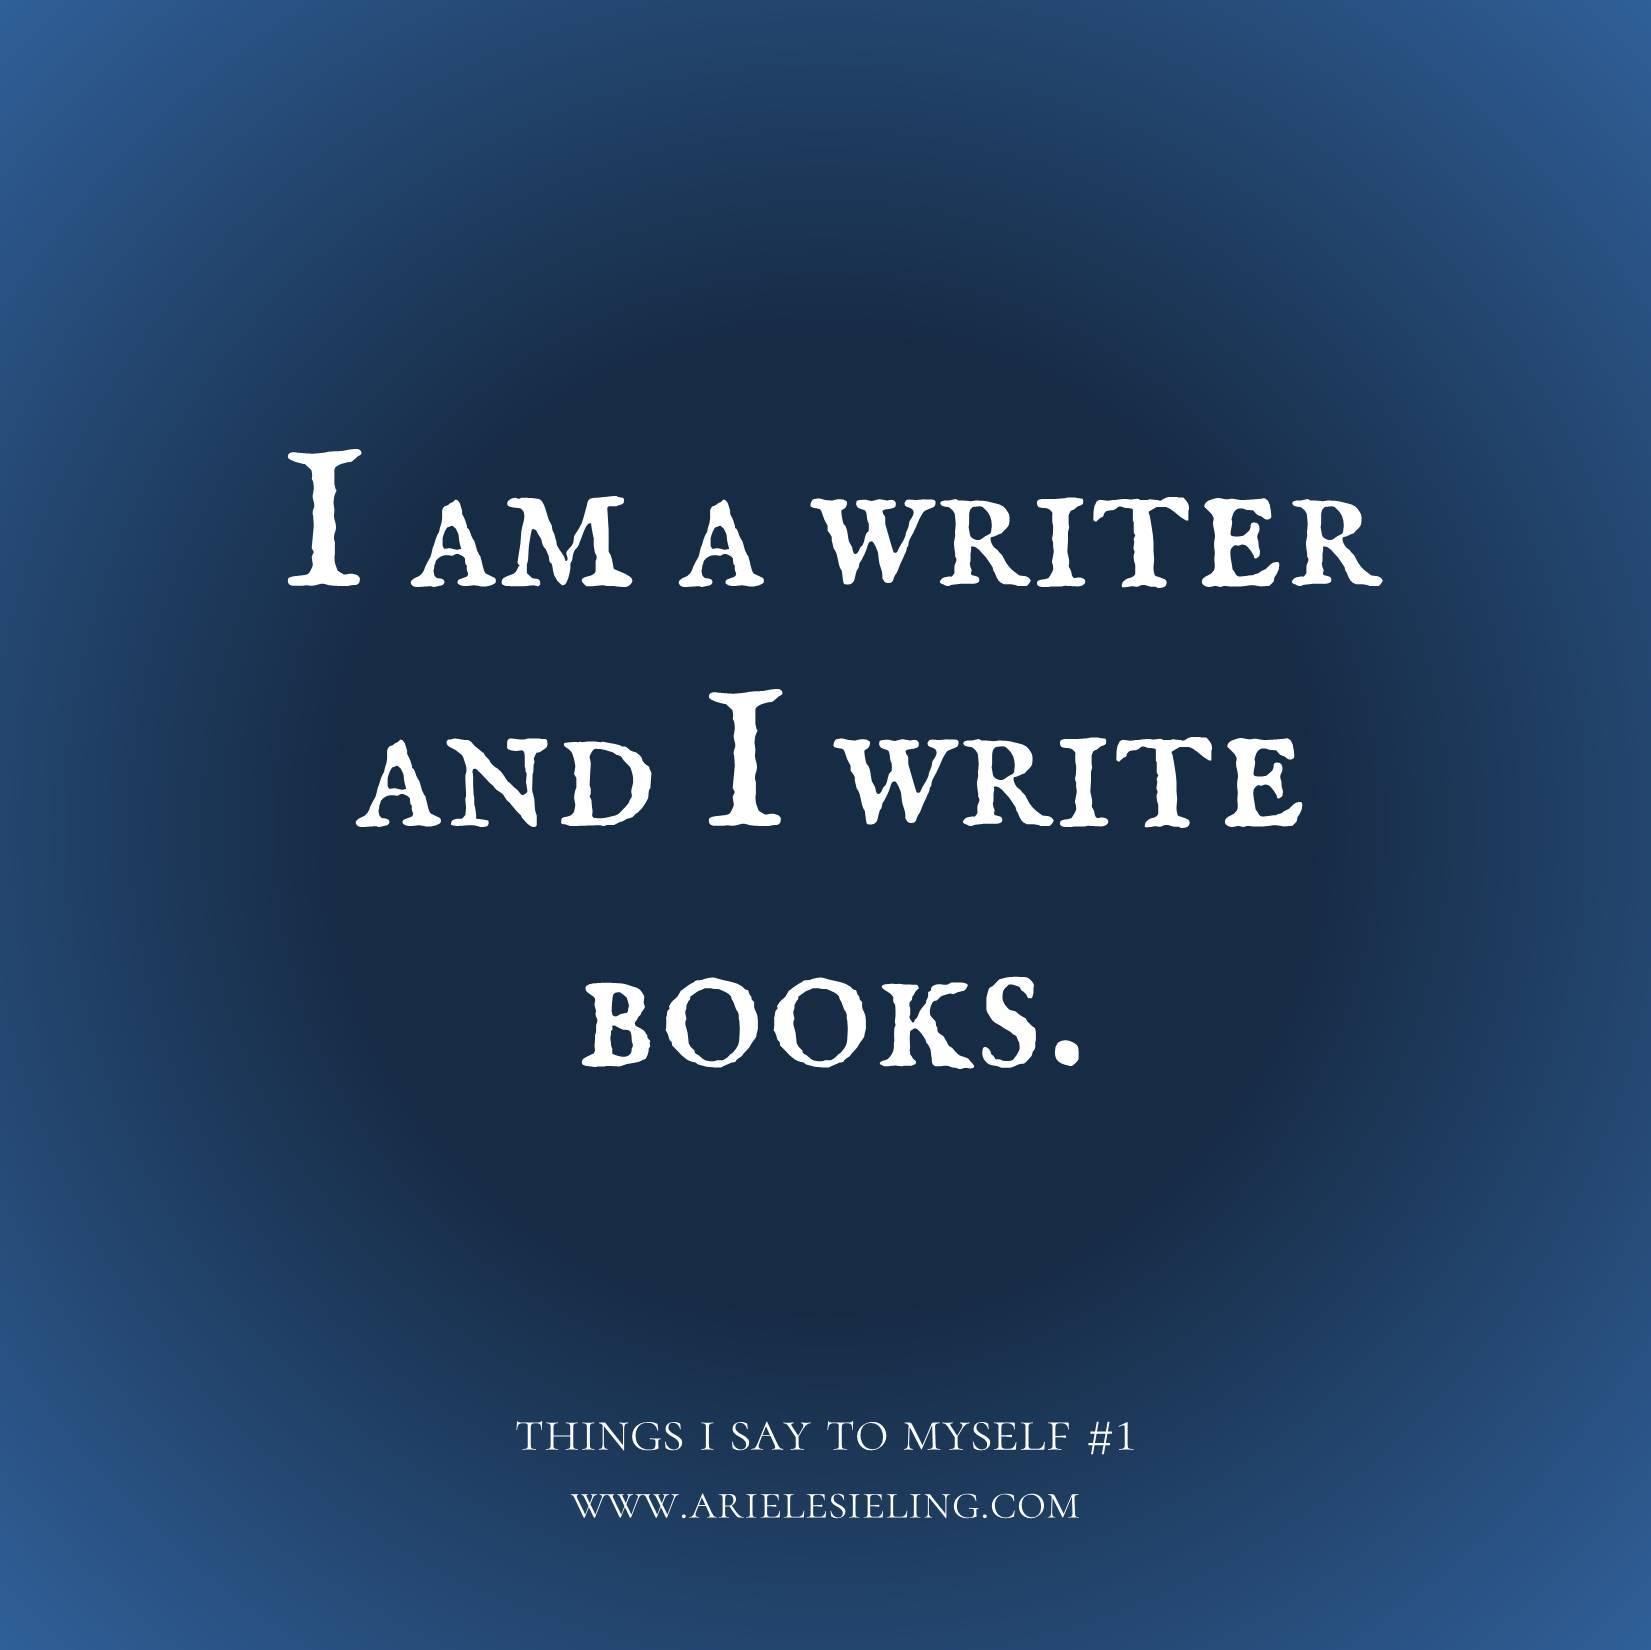 1-am a writer.jpg